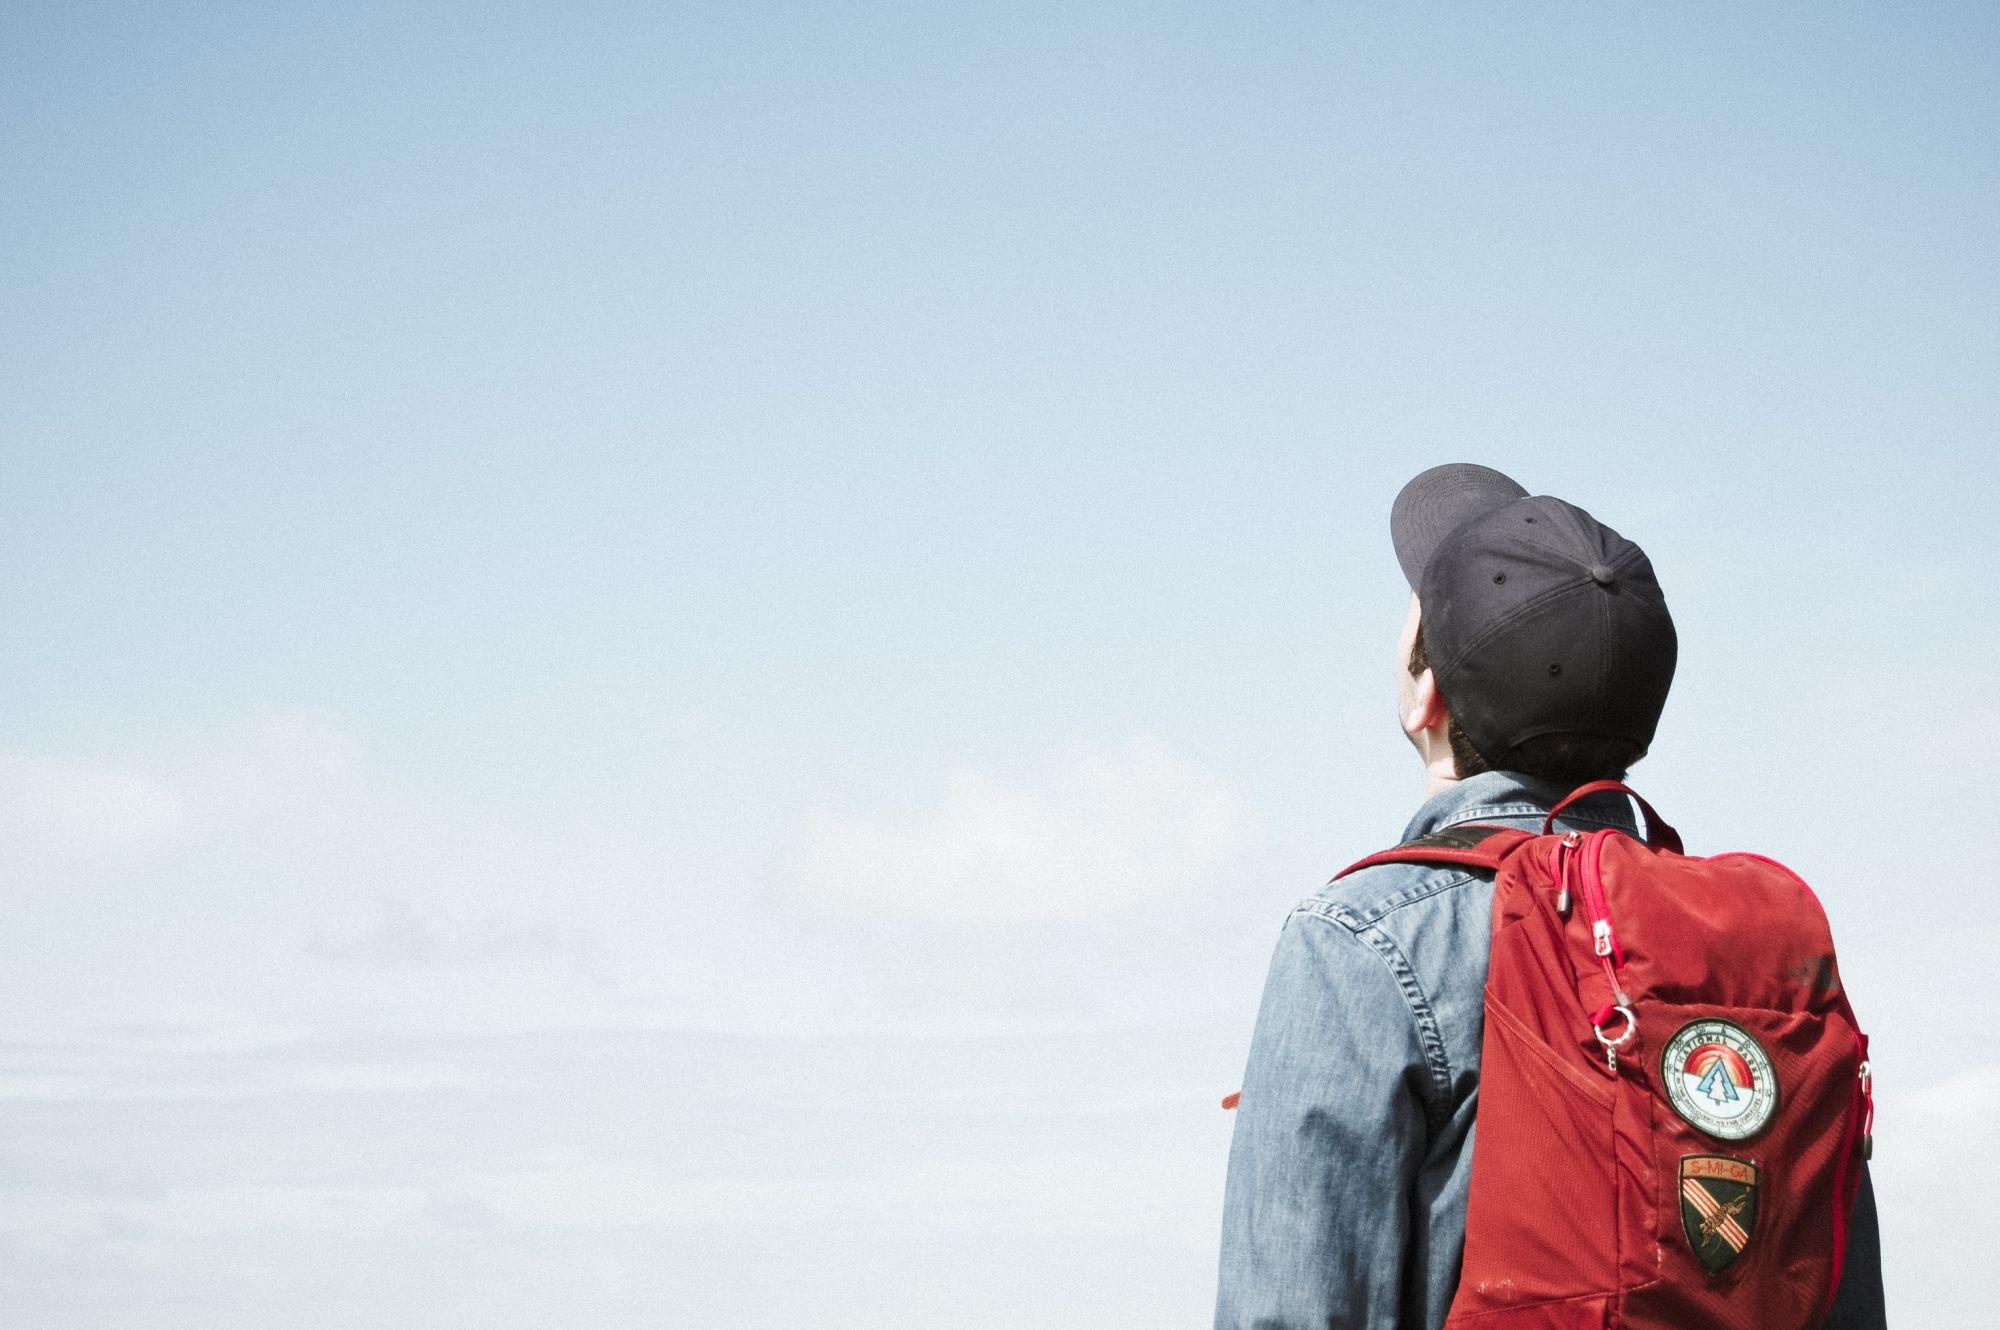 joven con mochila mirando el cielo